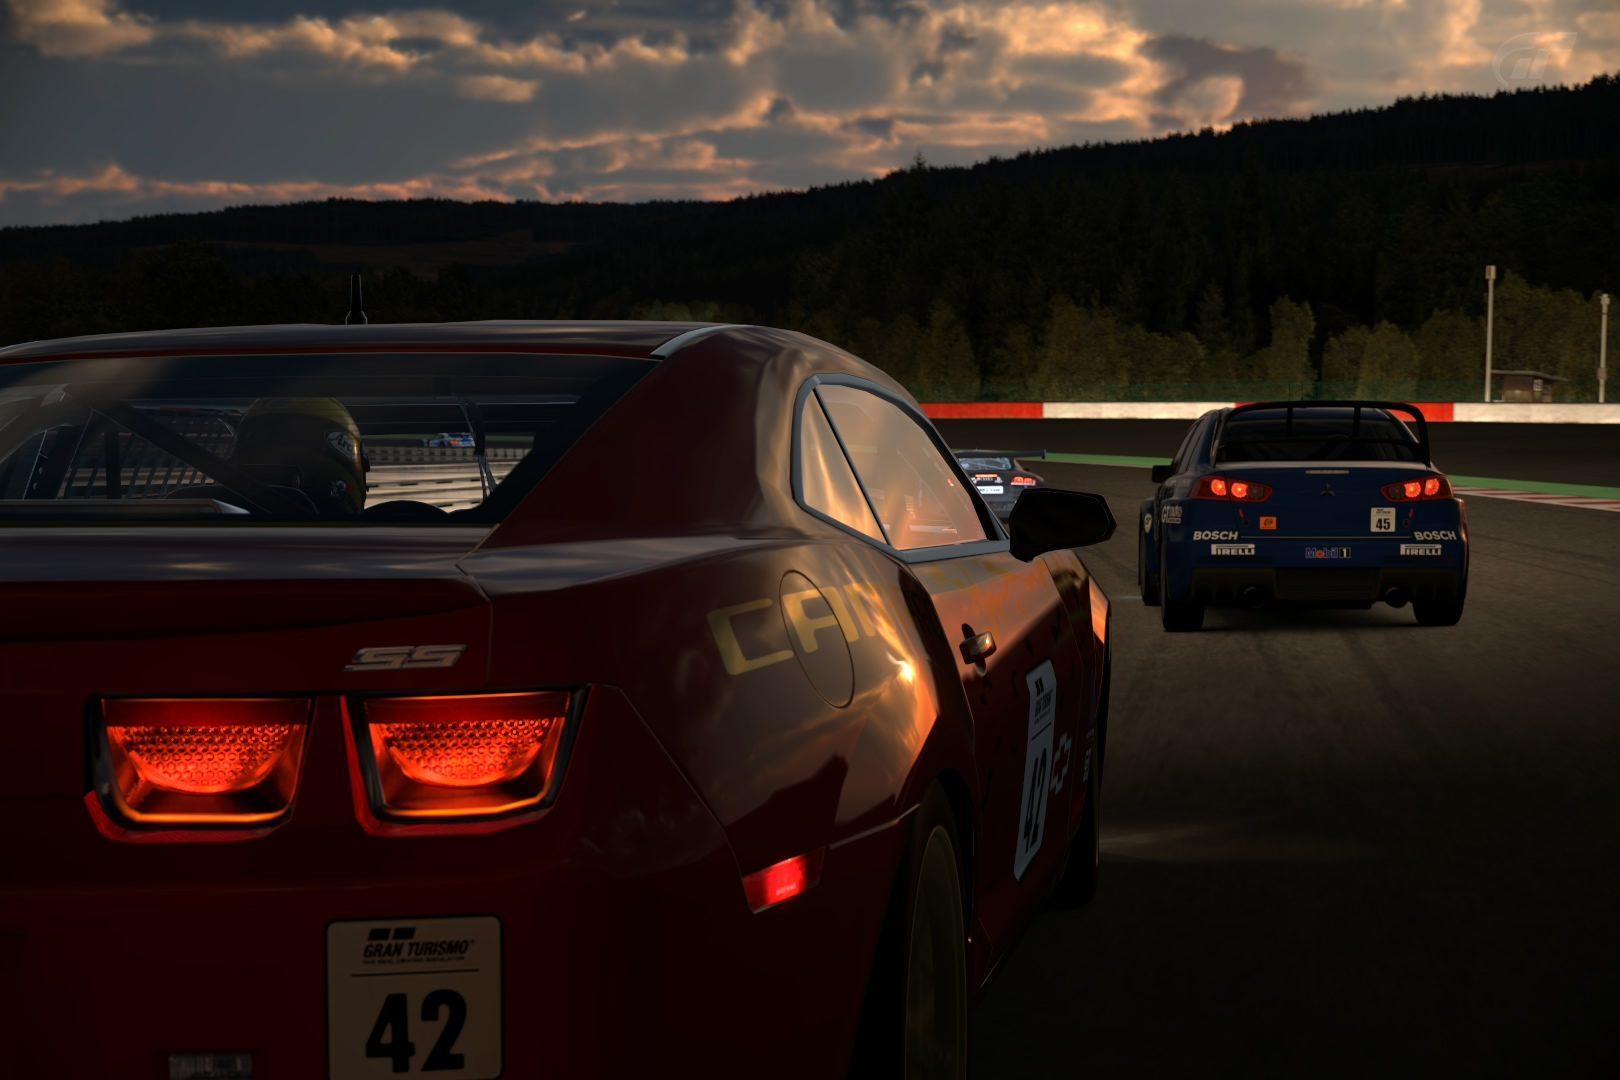 Circuit de Spa-Francorchamps - dusk 10.jpg